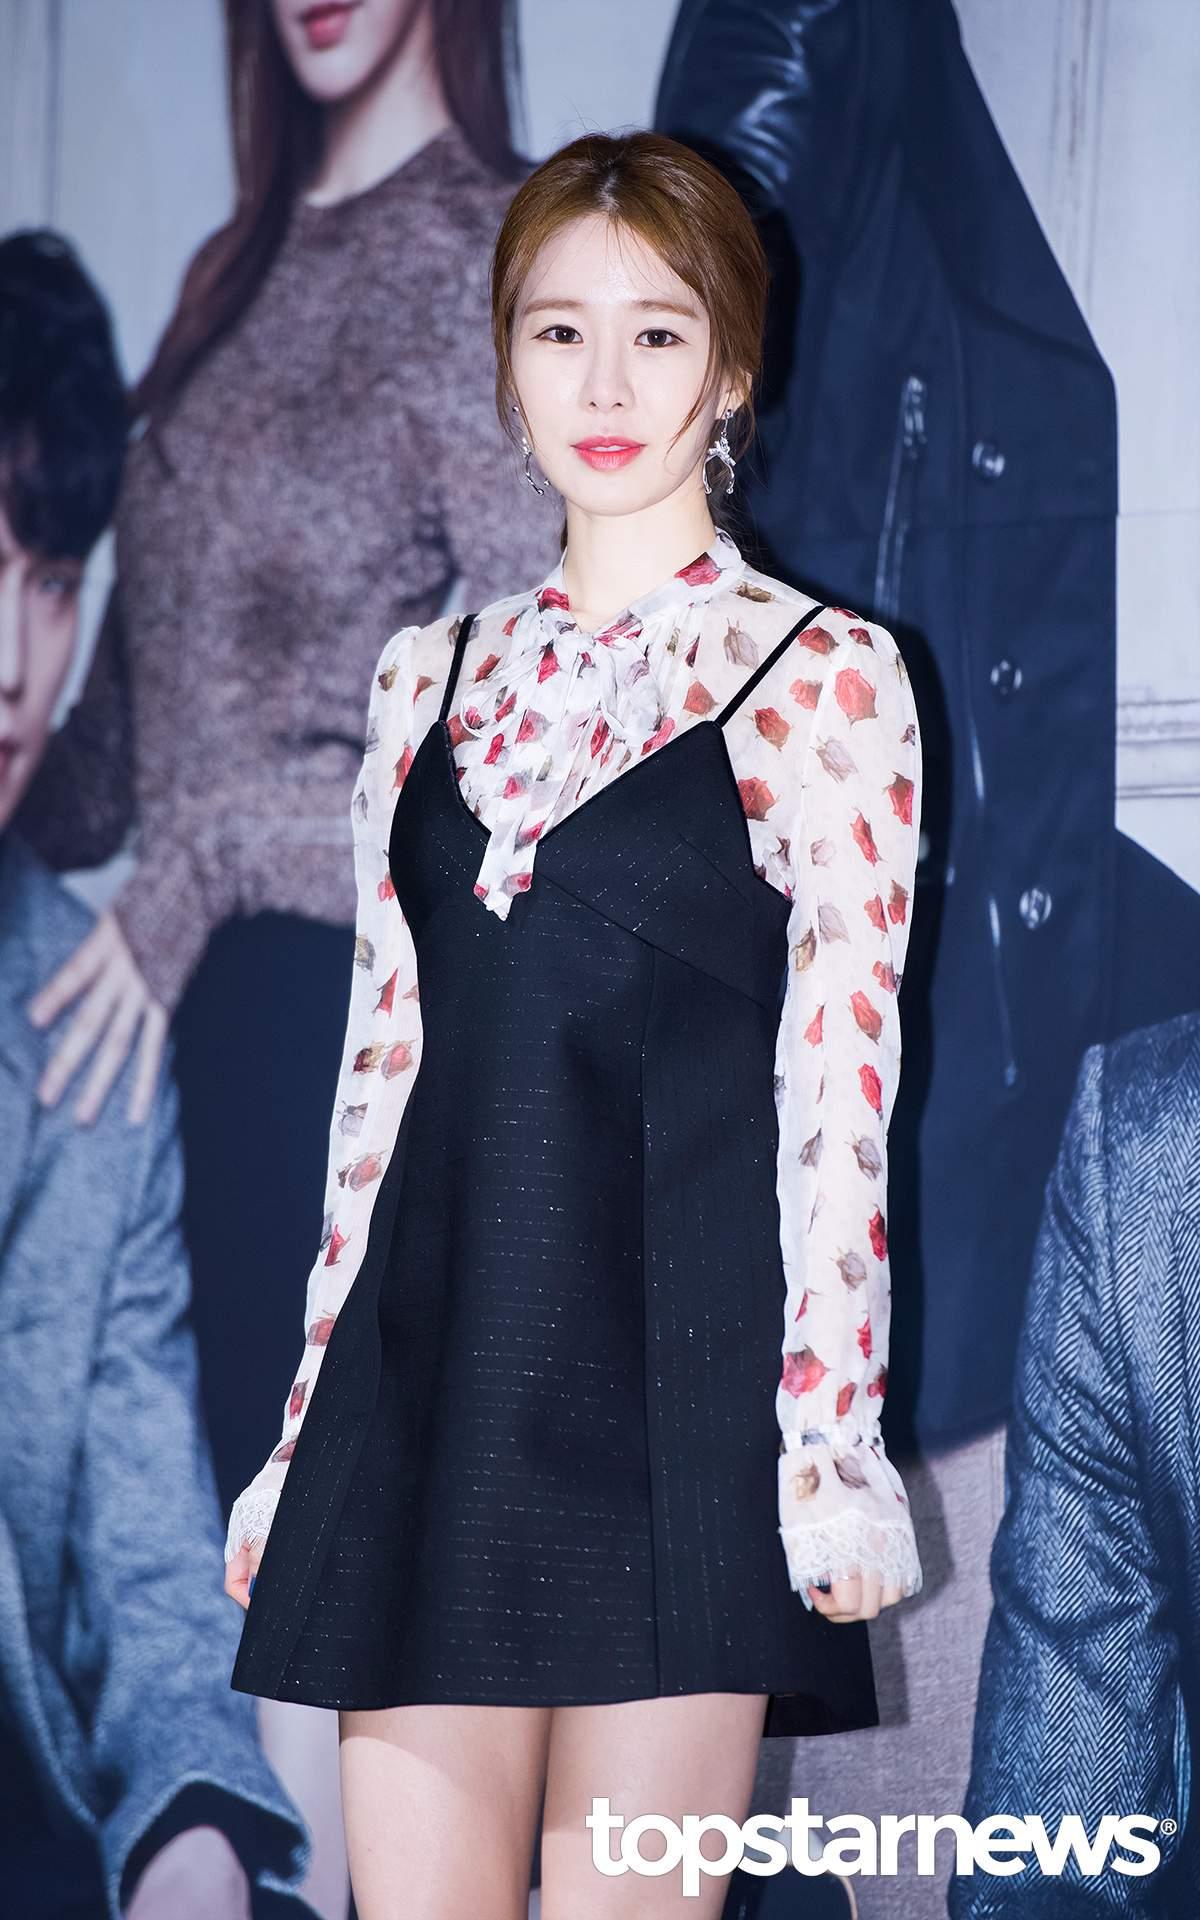 而主持五年DJ的劉寅娜,為了更加專注地投入演戲方面在今年四月宣布下車, KBS電視台的製作人也表示「劉寅娜是歷年來最棒的主持人。」再次肯定她的才能!